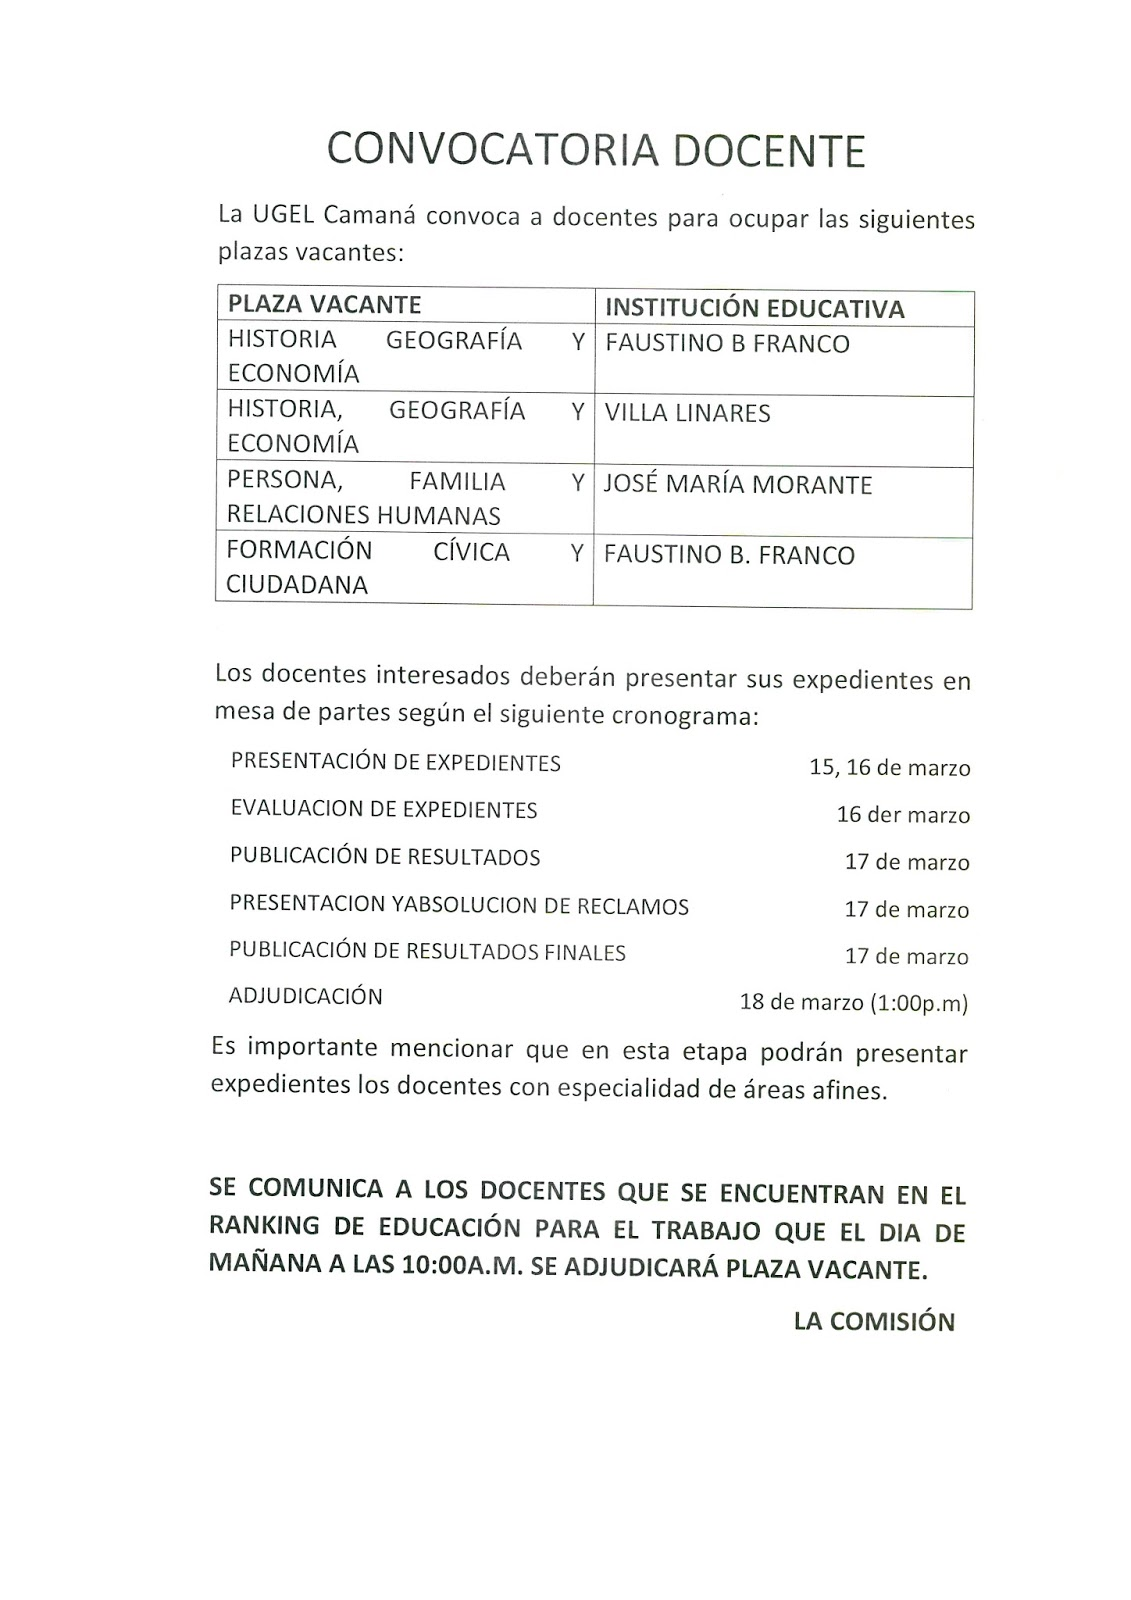 Convocatoria para contrato docente marzo 2016 ugel for Convocatoria para plazas docentes 2016